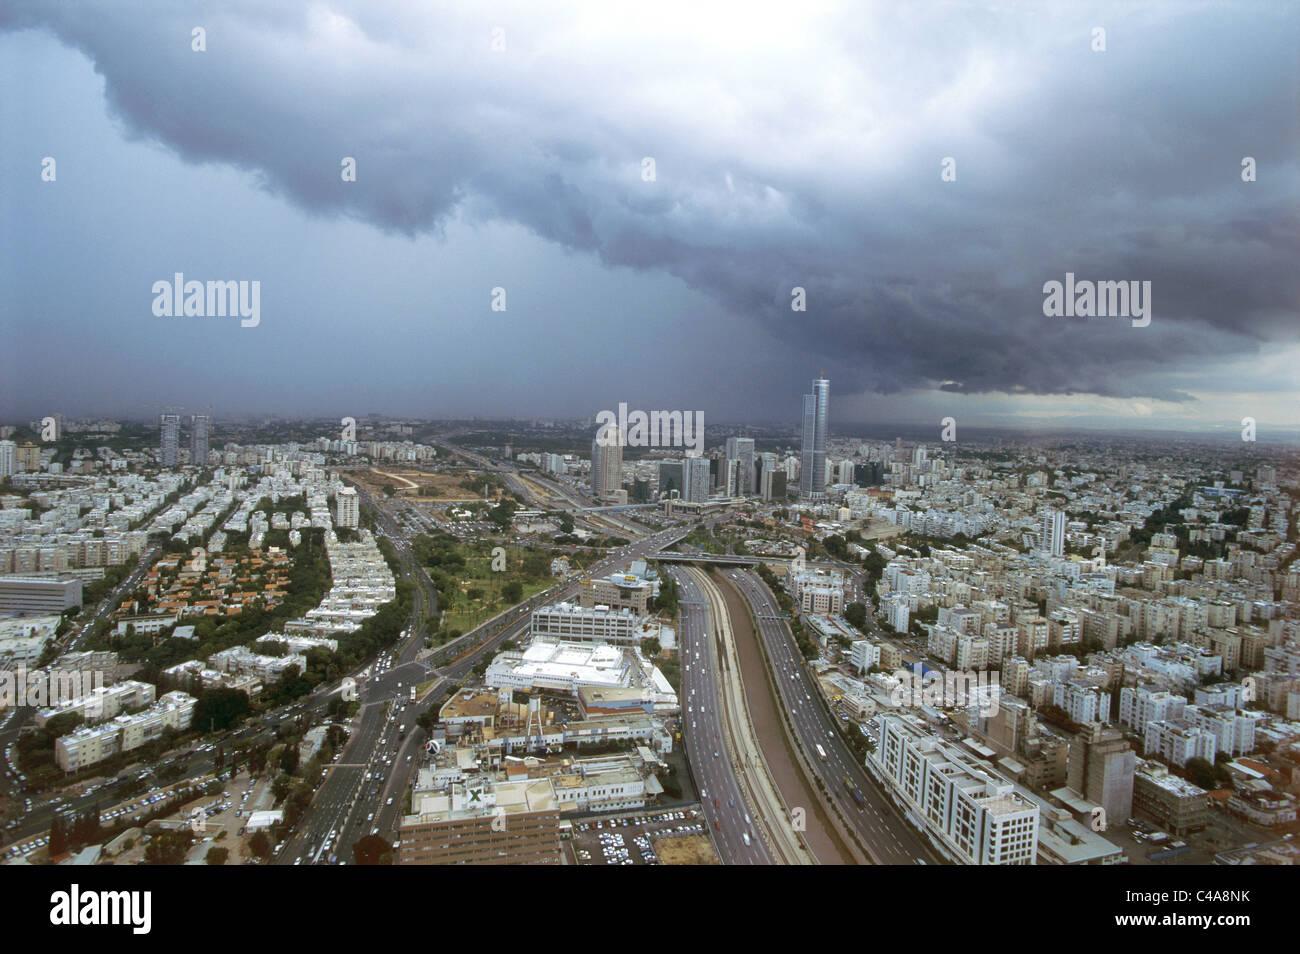 Aerial view of Dan's Metropolis at winter - Stock Image